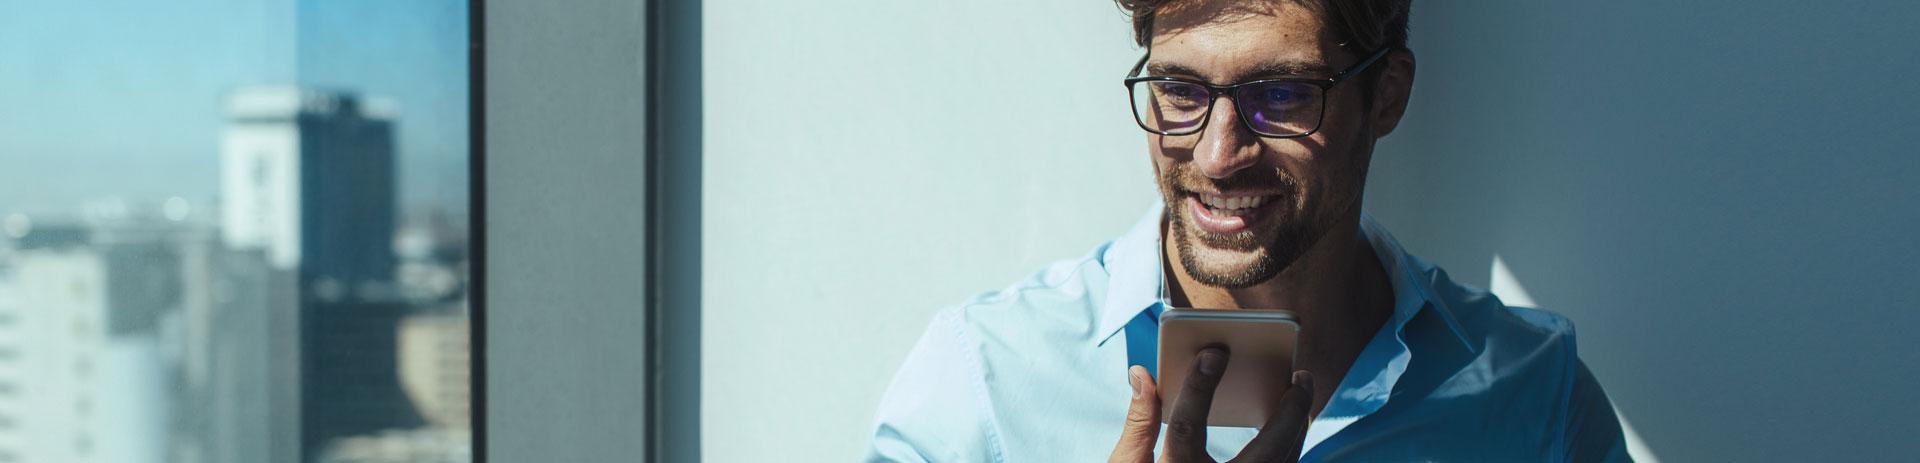 Mann bedient in Büro Smartphone